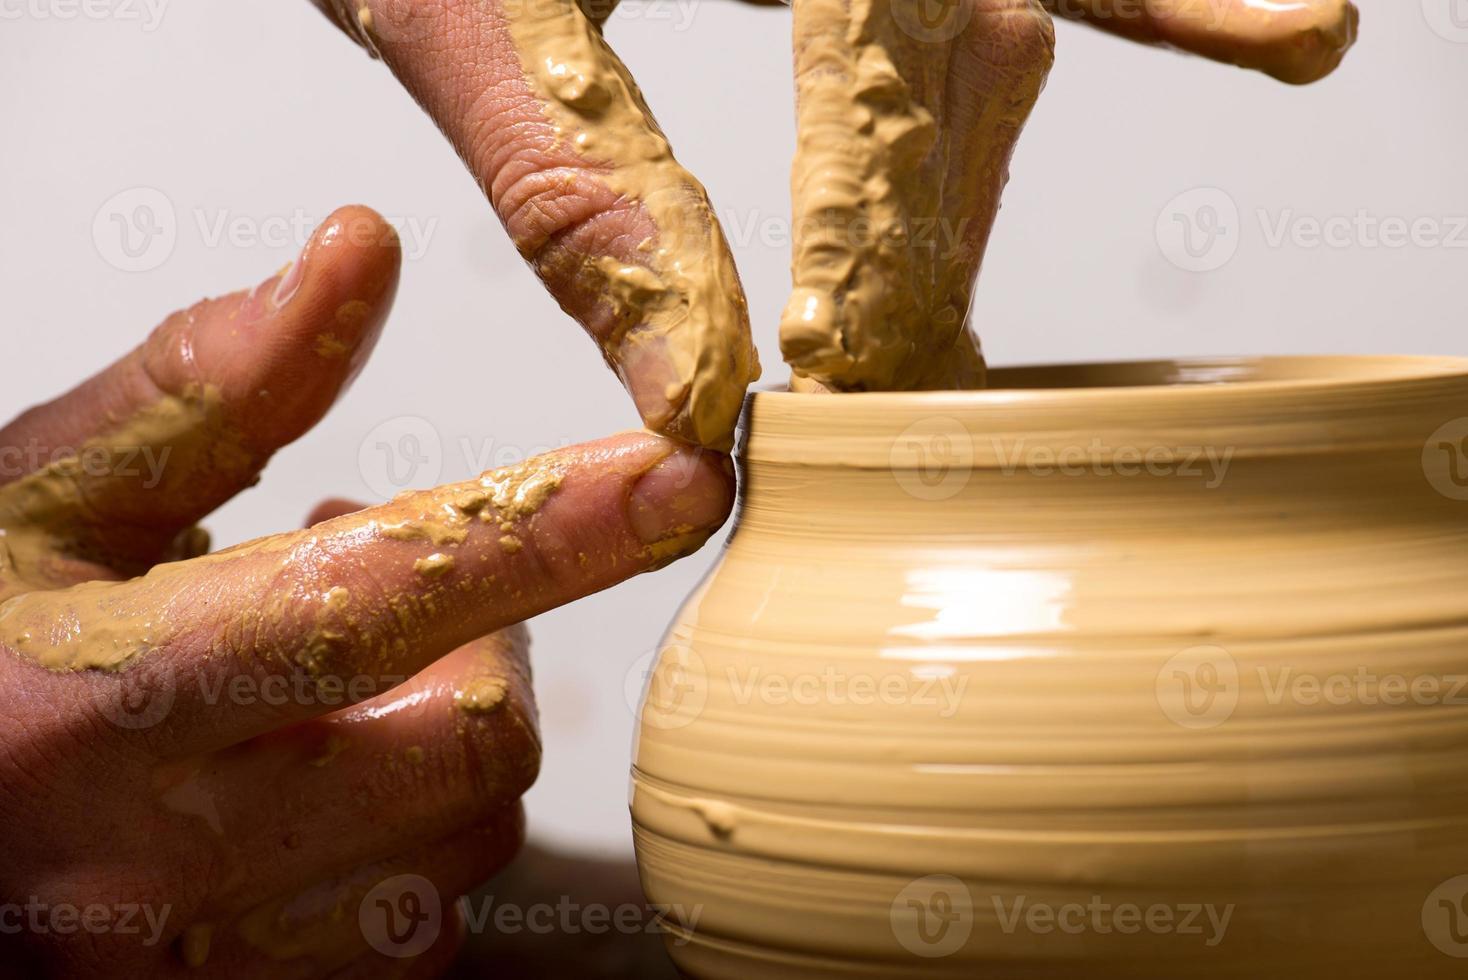 vasaio, creando un vaso di terracotta foto